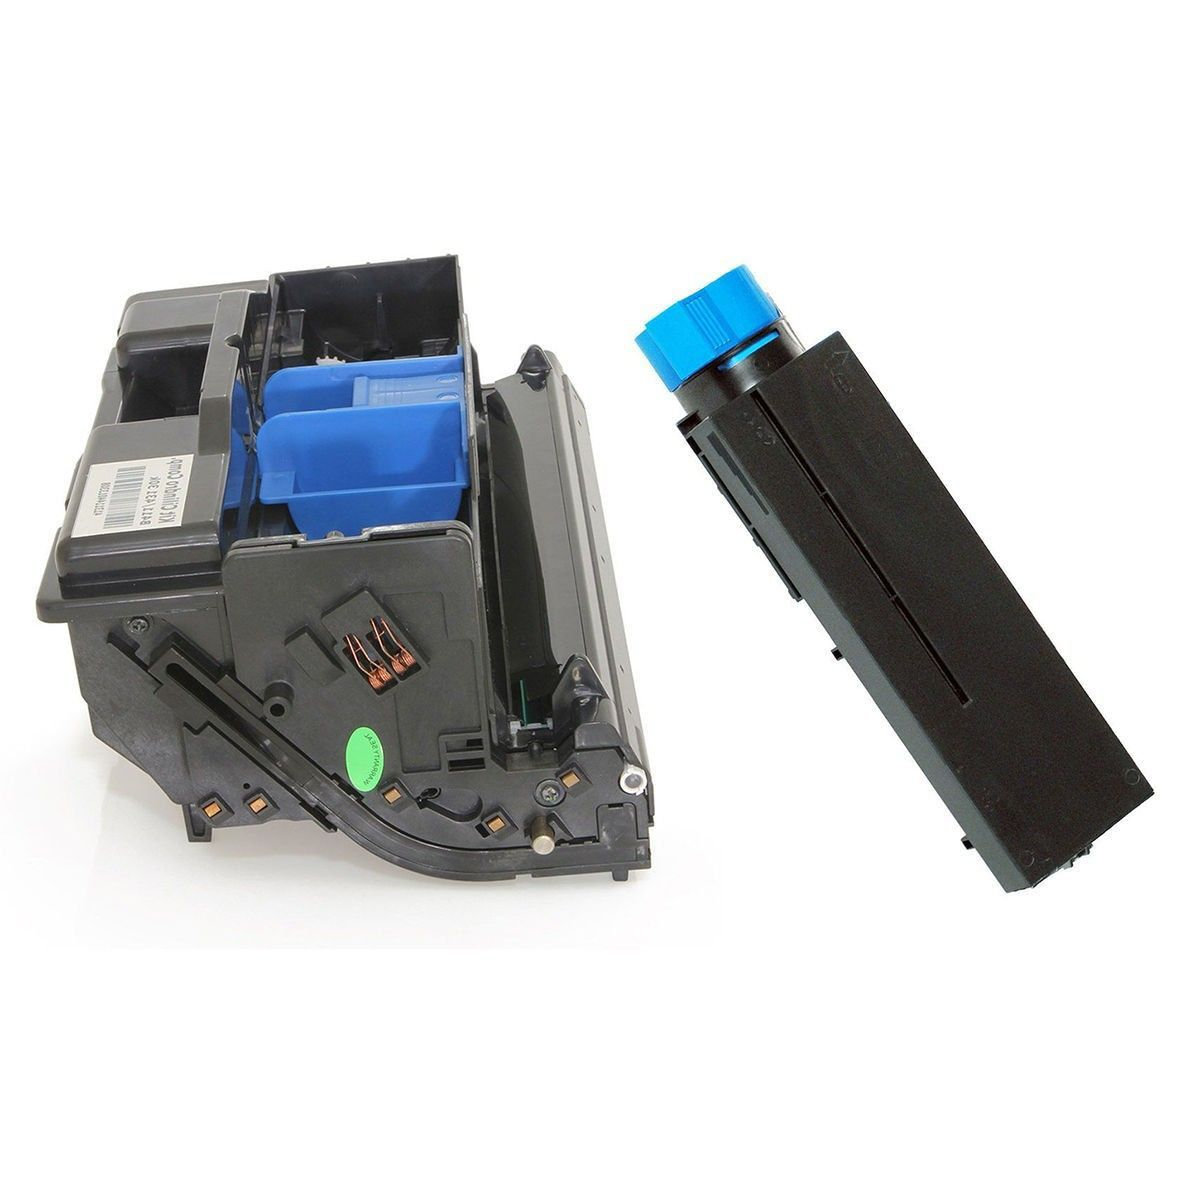 Compatível: Combo Cartucho de Cilindro B431DR + Toner B431 para Okidata B431dn B491 MB431 MB461 MB471 MB491 MB491d B411